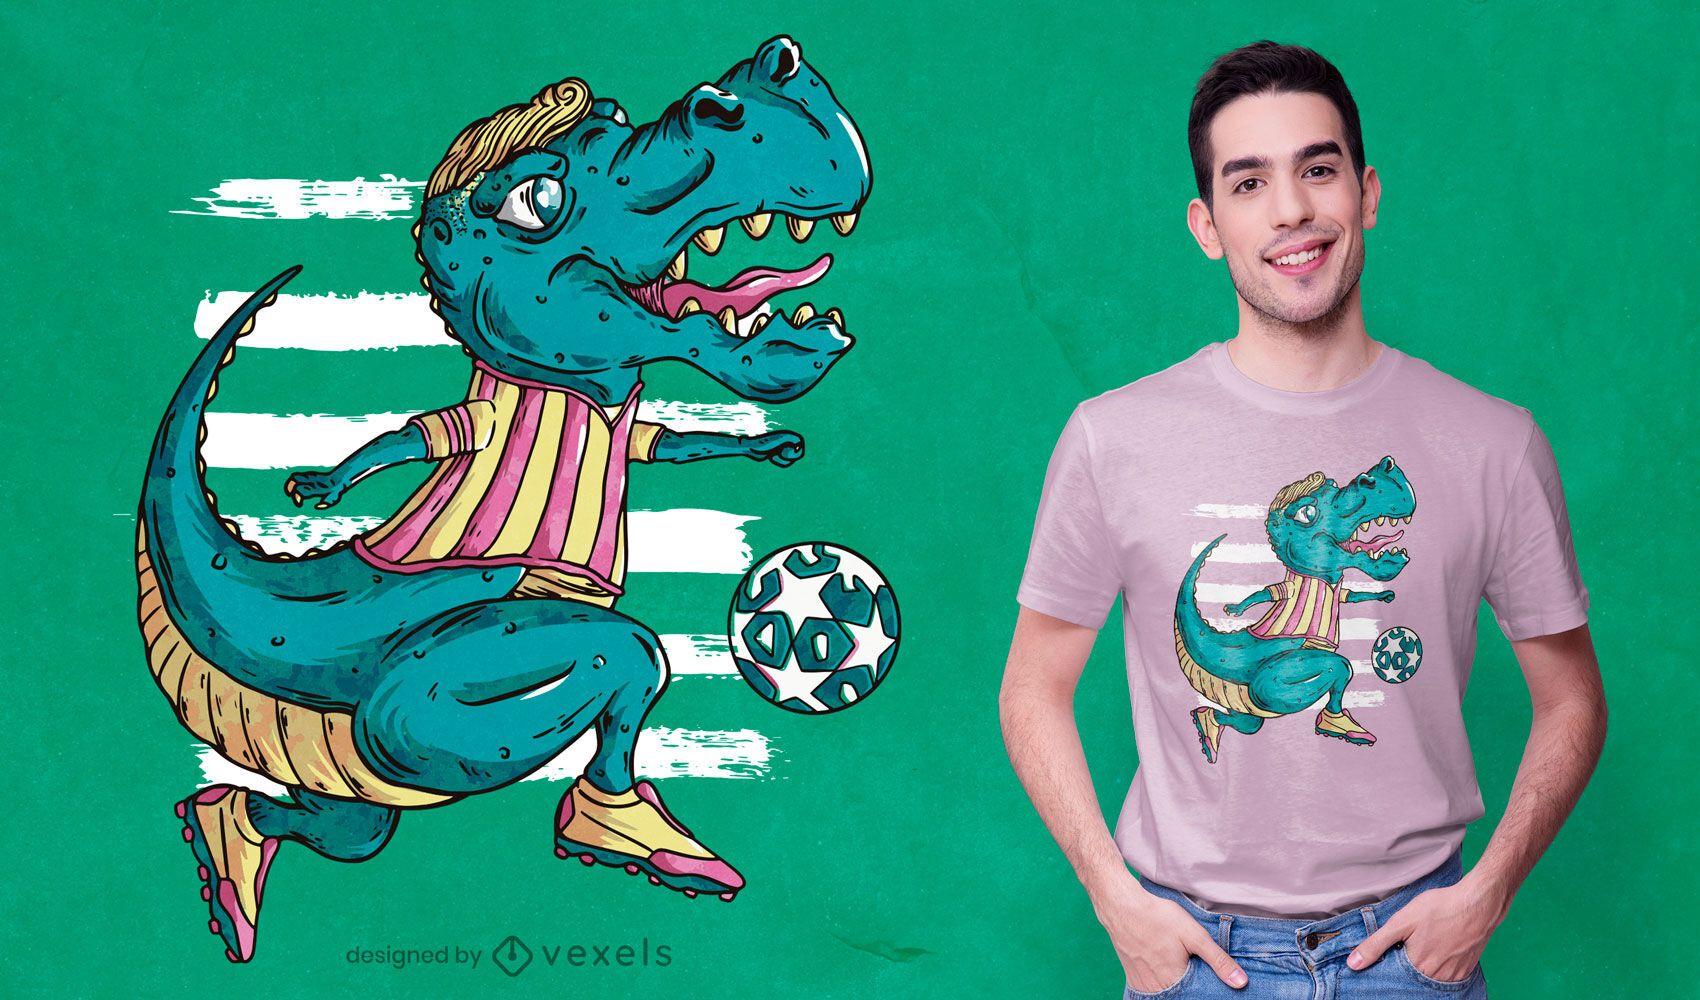 T-rex playing soccer t-shirt design